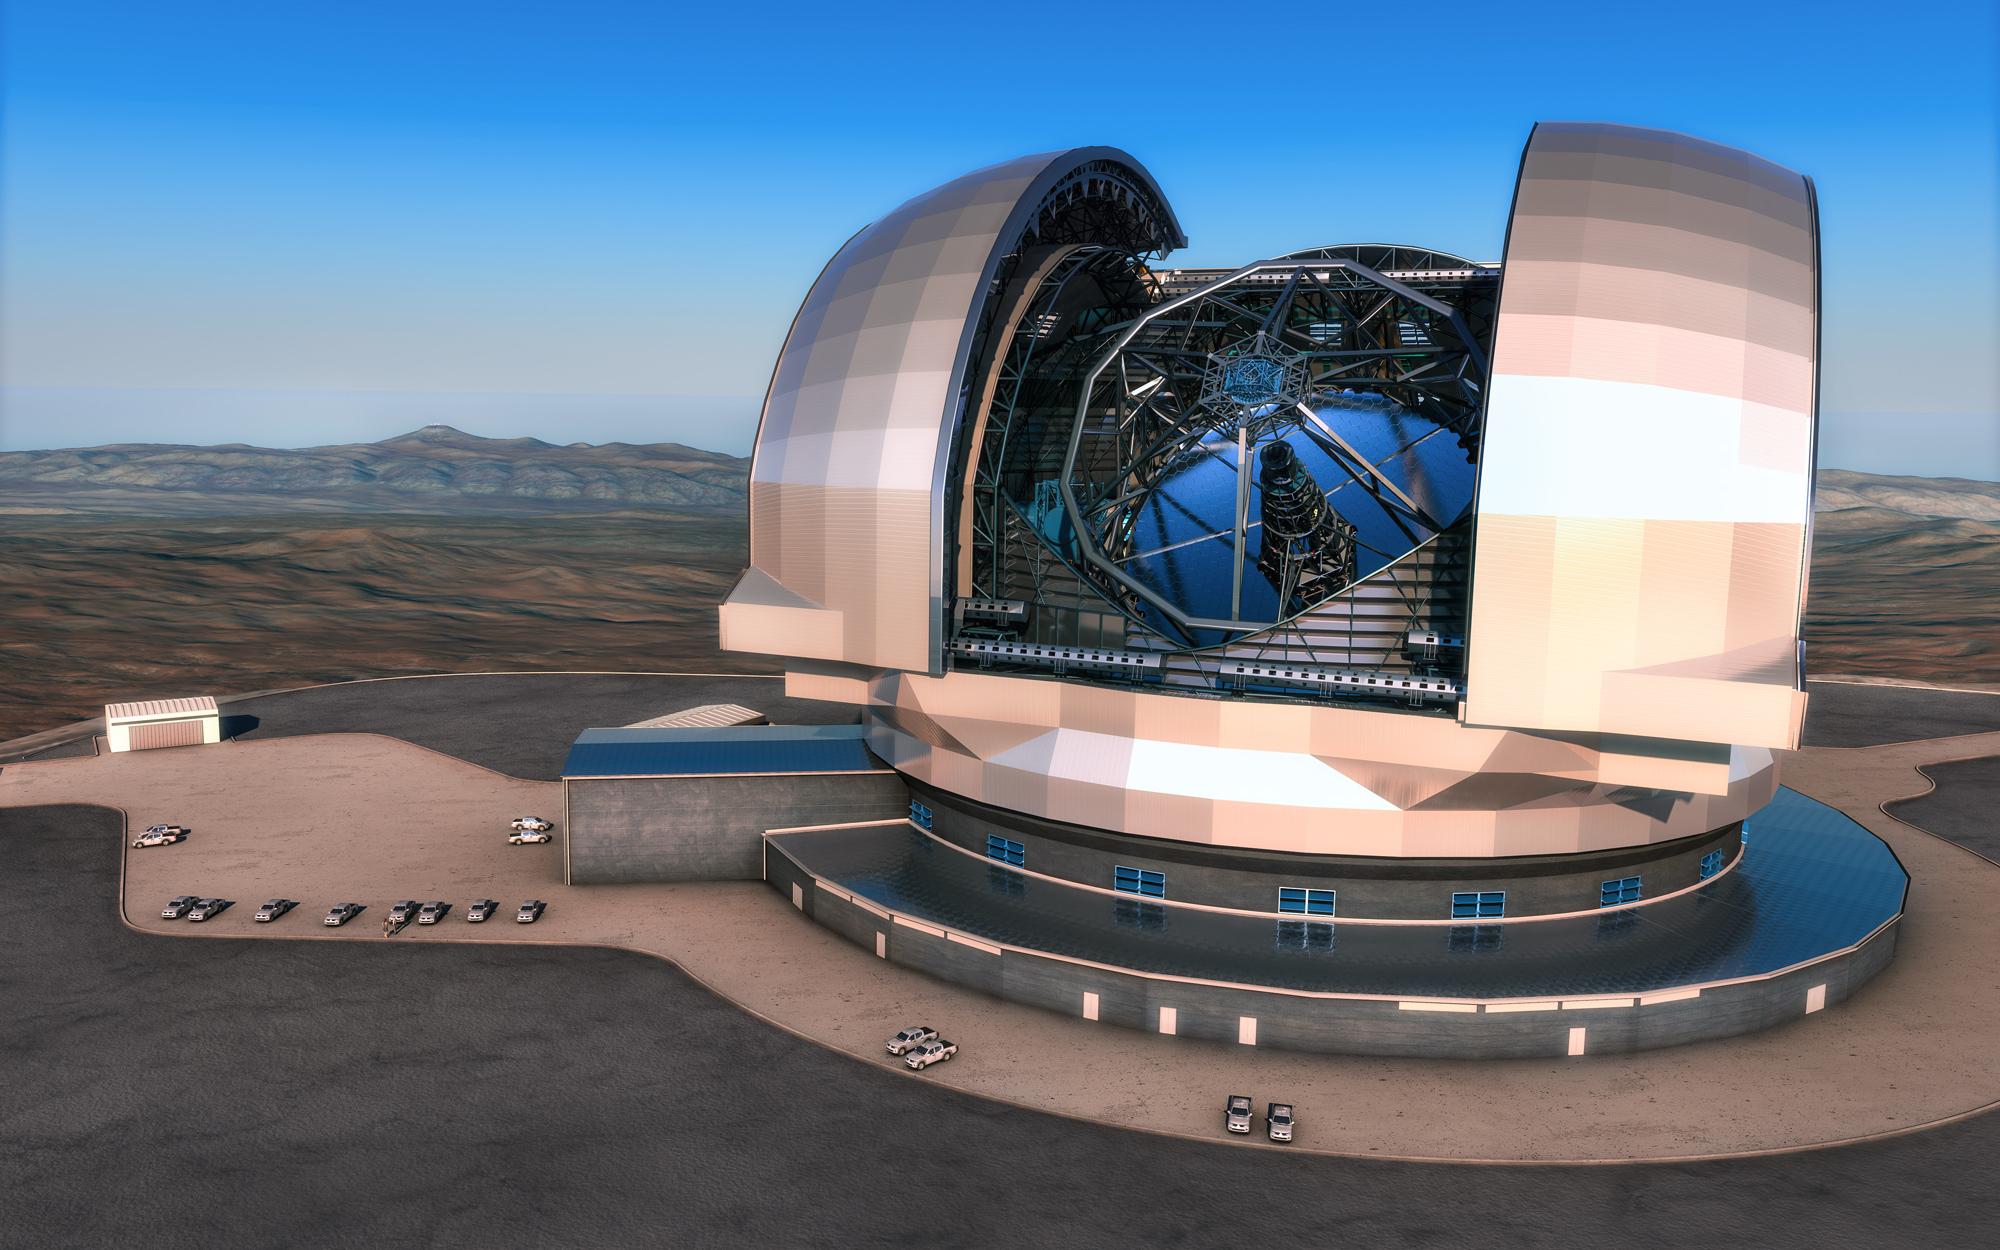 maiortelescopiomundo_01